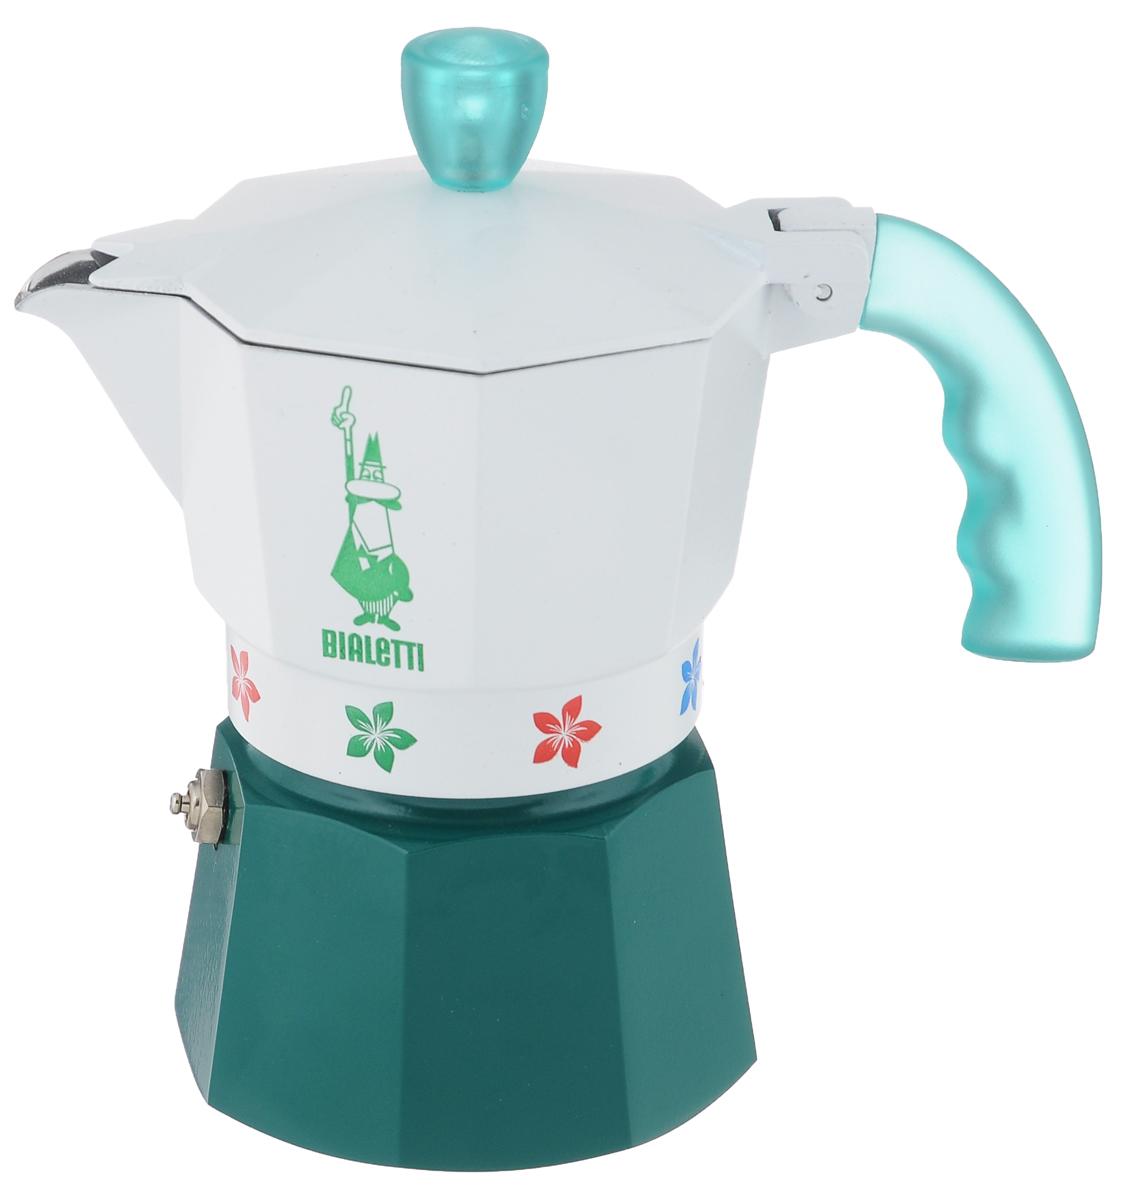 Кофеварка гейзерная Bialetti Moka Fiori Caldaia Verde, цвет: белый, зеленый, на 3 чашки4472Компактная гейзерная кофеварка Bialetti Moka Fiori Caldaia Verde изготовлена из высококачественного алюминия и стали. Объема кофе хватает на 3 чашки. Изделие оснащено удобной пластиковой ручкой. Принцип работы такой гейзерной кофеварки - кофе заваривается путем многократного прохождения горячей воды или пара через слой молотого кофе. Удобство кофеварки в том, что вся кофейная гуща остается во внутренней емкости. Гейзерные кофеварки пользуются большой популярностью благодаря изысканному аромату. Кофе получается крепкий и насыщенный. Теперь и дома вы сможете насладиться великолепным эспрессо. Подходит для газовых, электрических и стеклокерамических плит. Нельзя мыть в посудомоечной машине. Высота (с учетом крышки): 16 см.